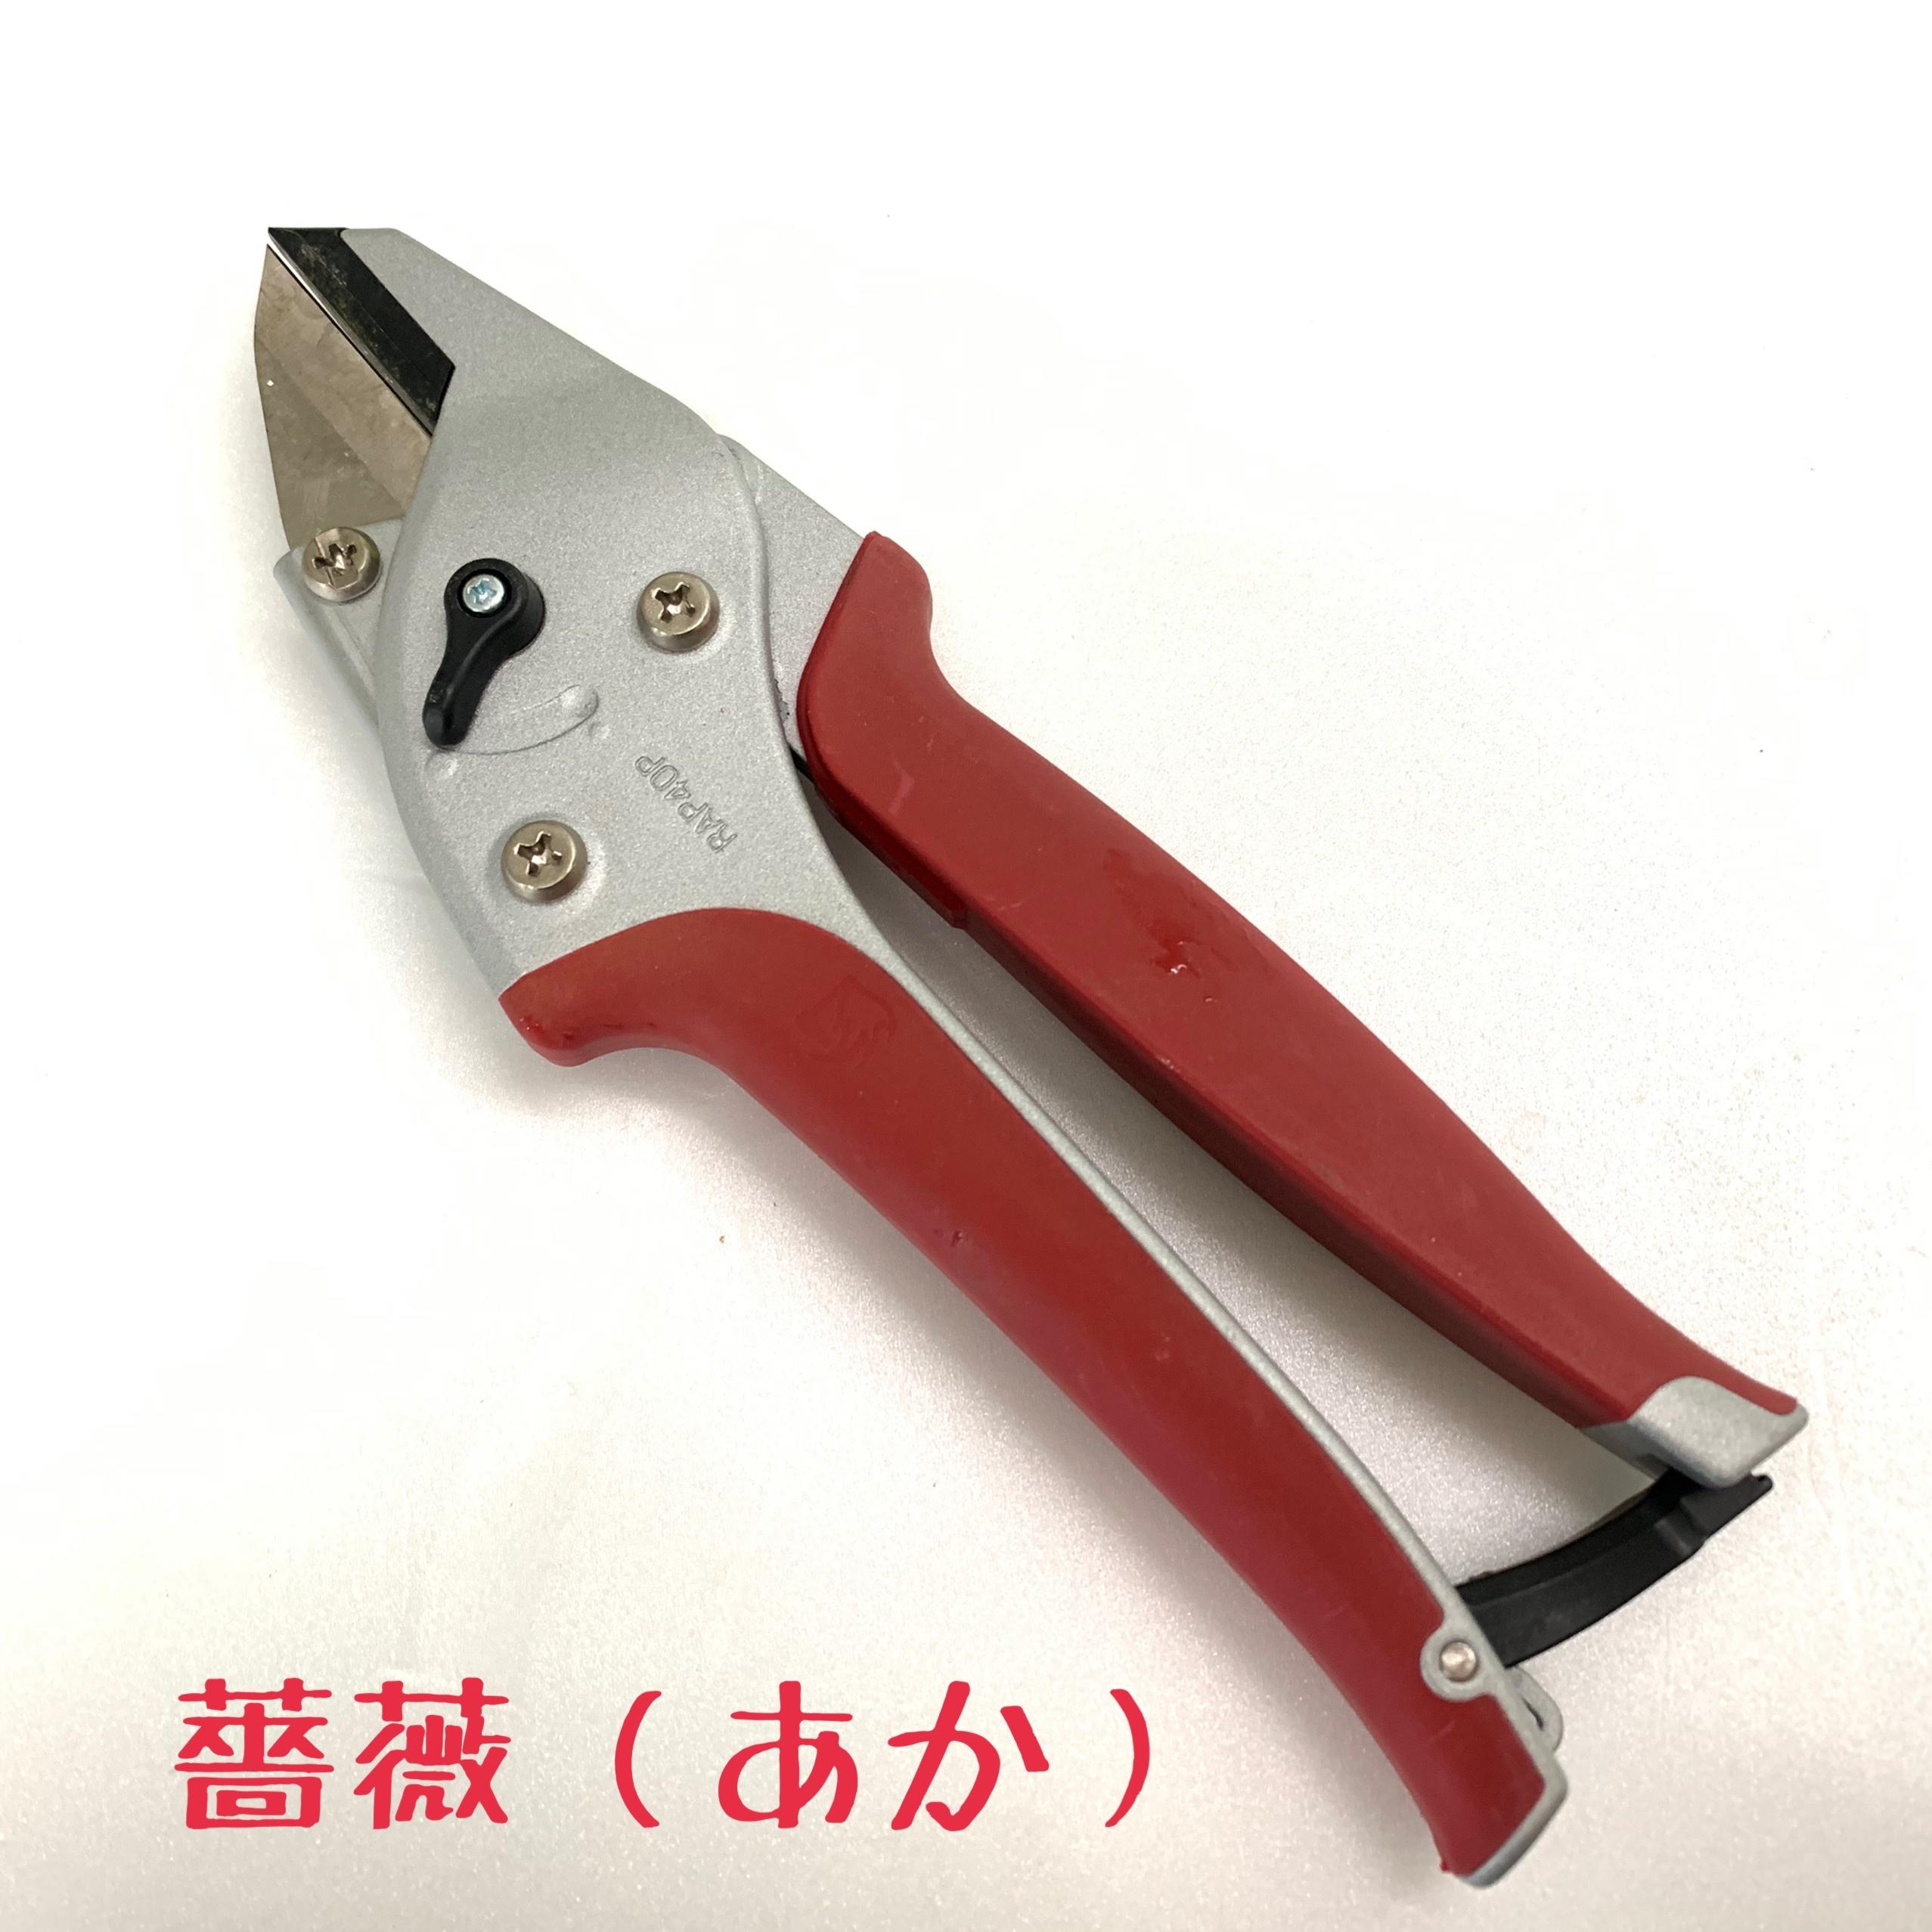 薔薇の剪定に手が痛くならない【楽なんです剪定鋏】 - 画像4